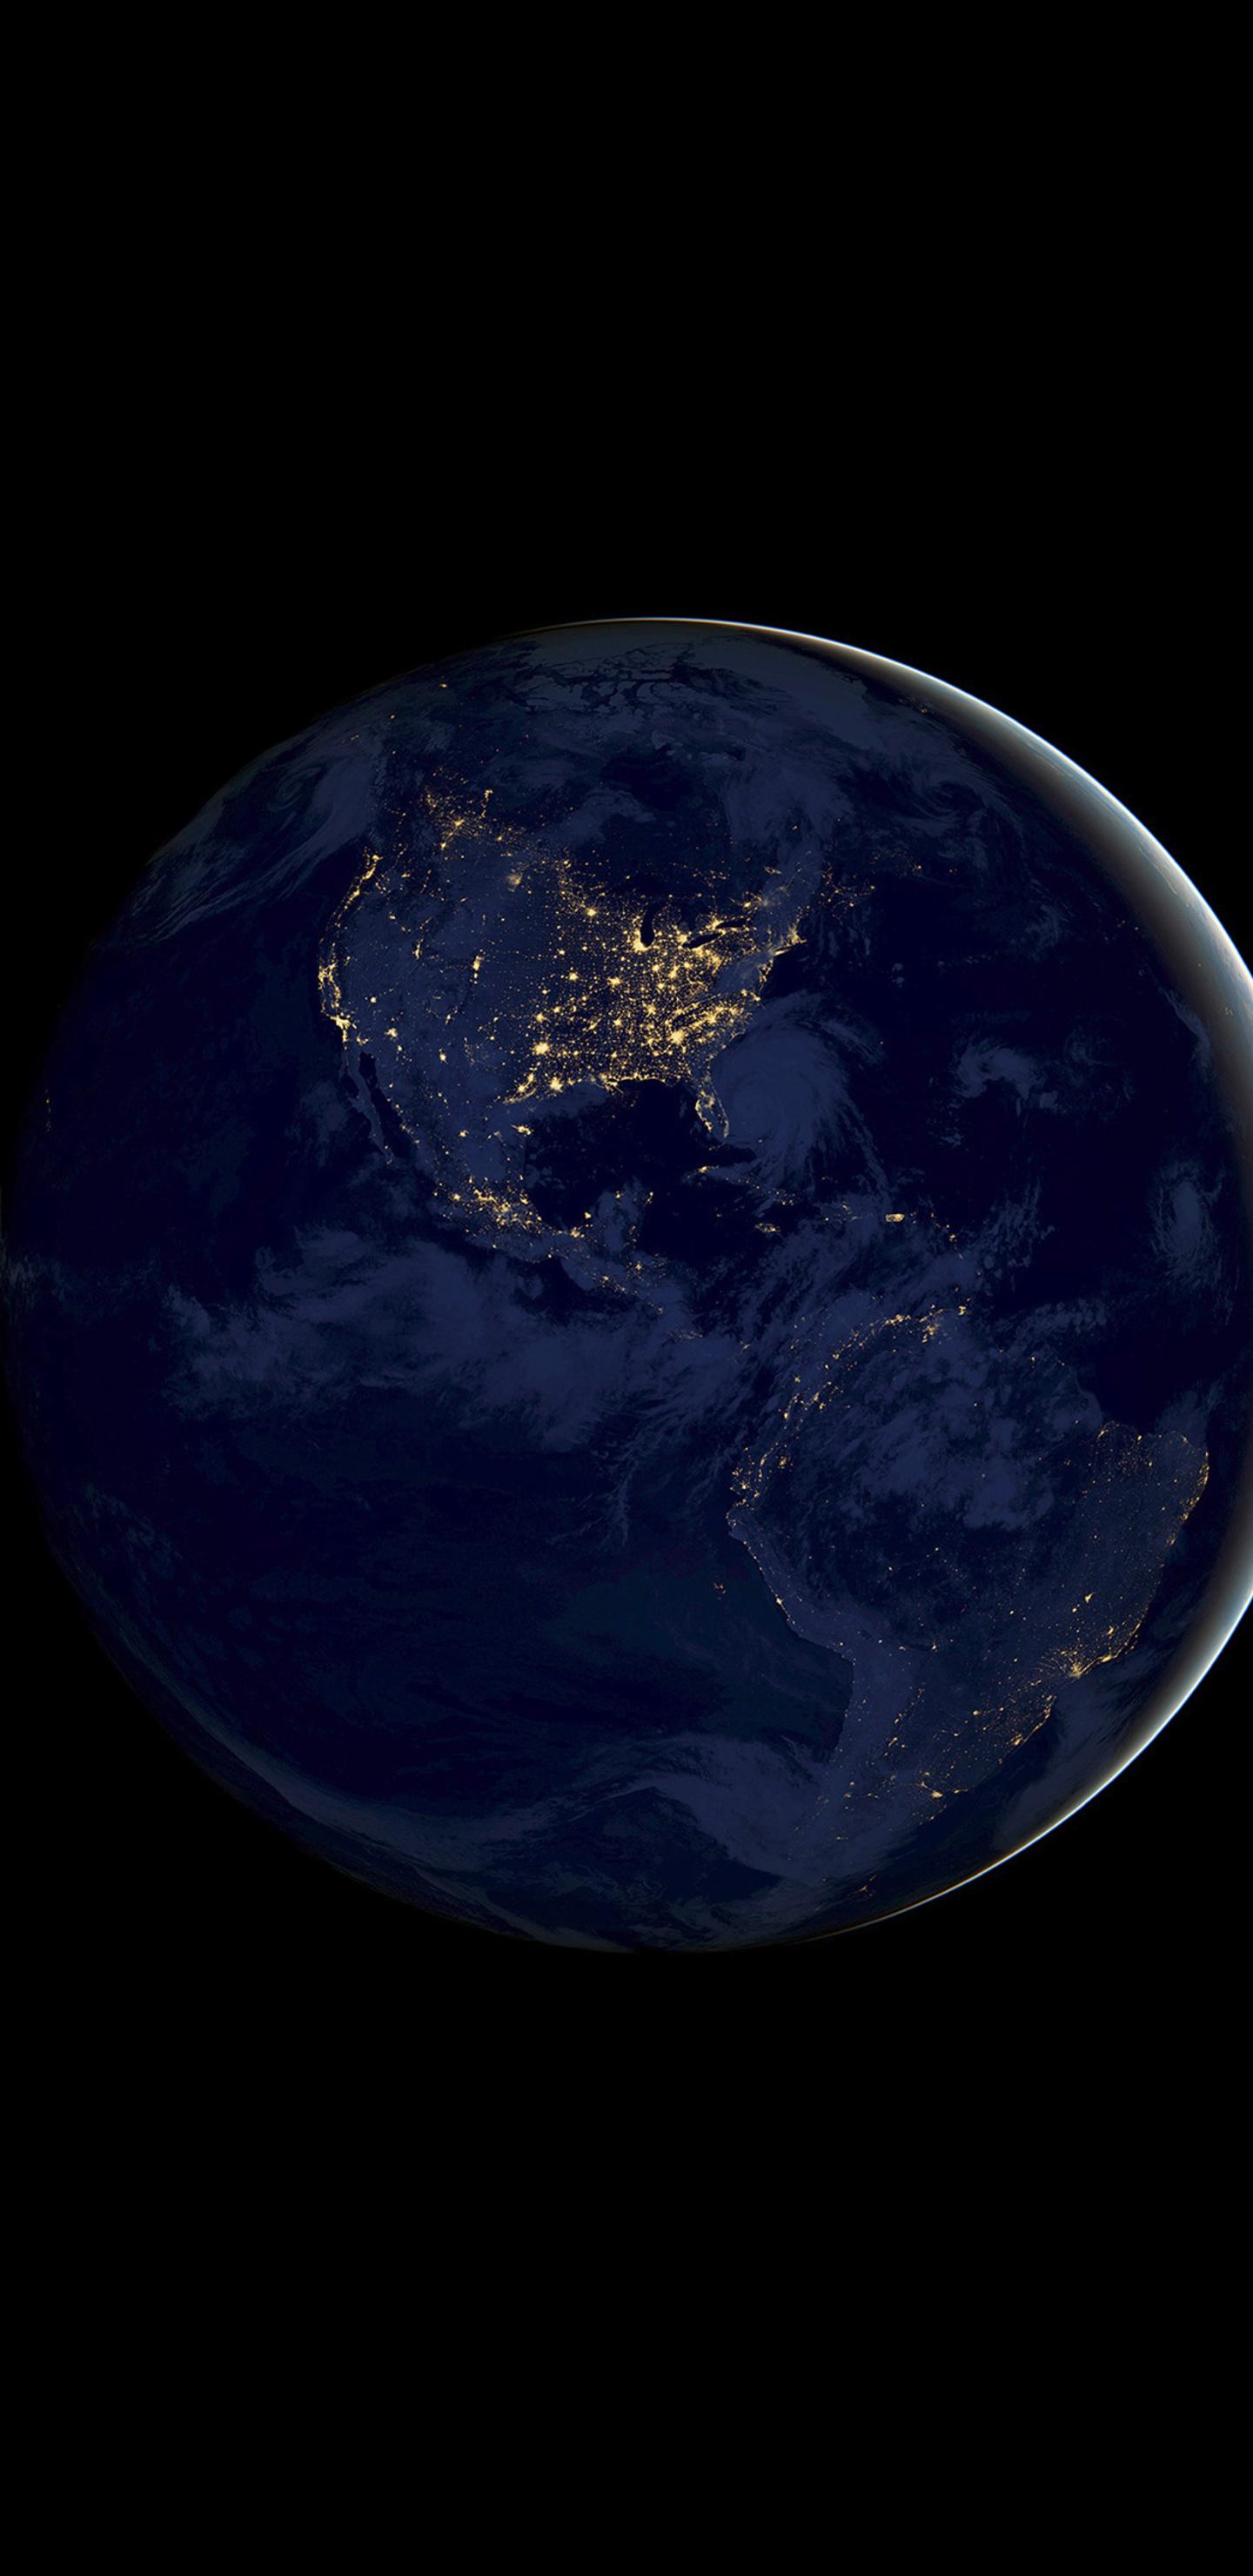 ios 11 earth night 4k pe